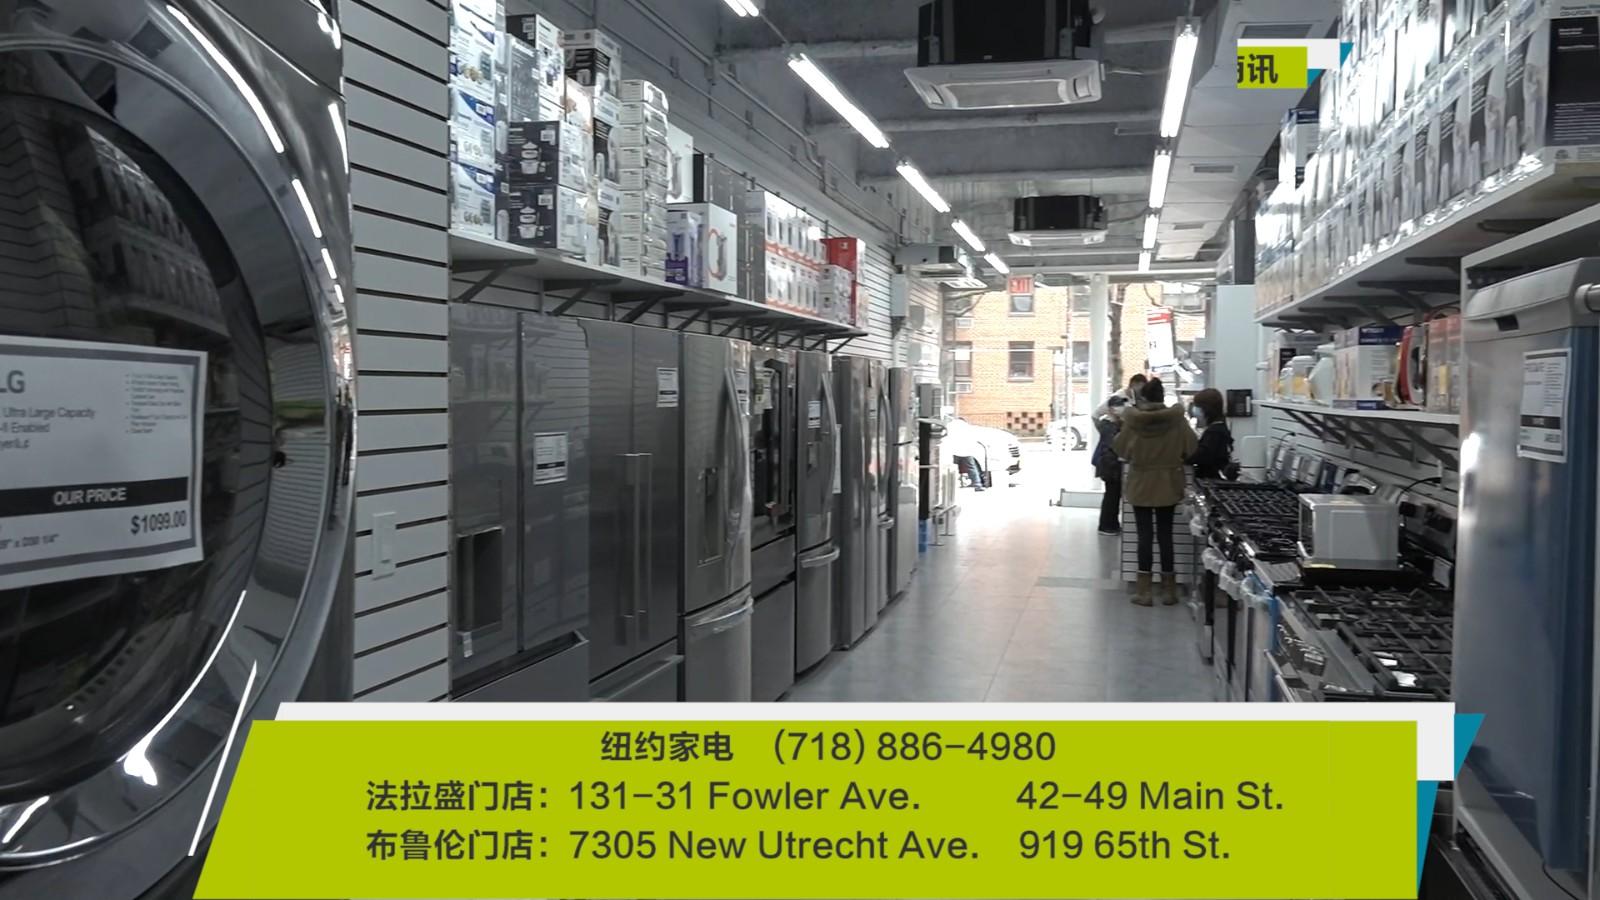 【视频】纽约家电代理各大品牌冷暖空调 代申请政府补贴